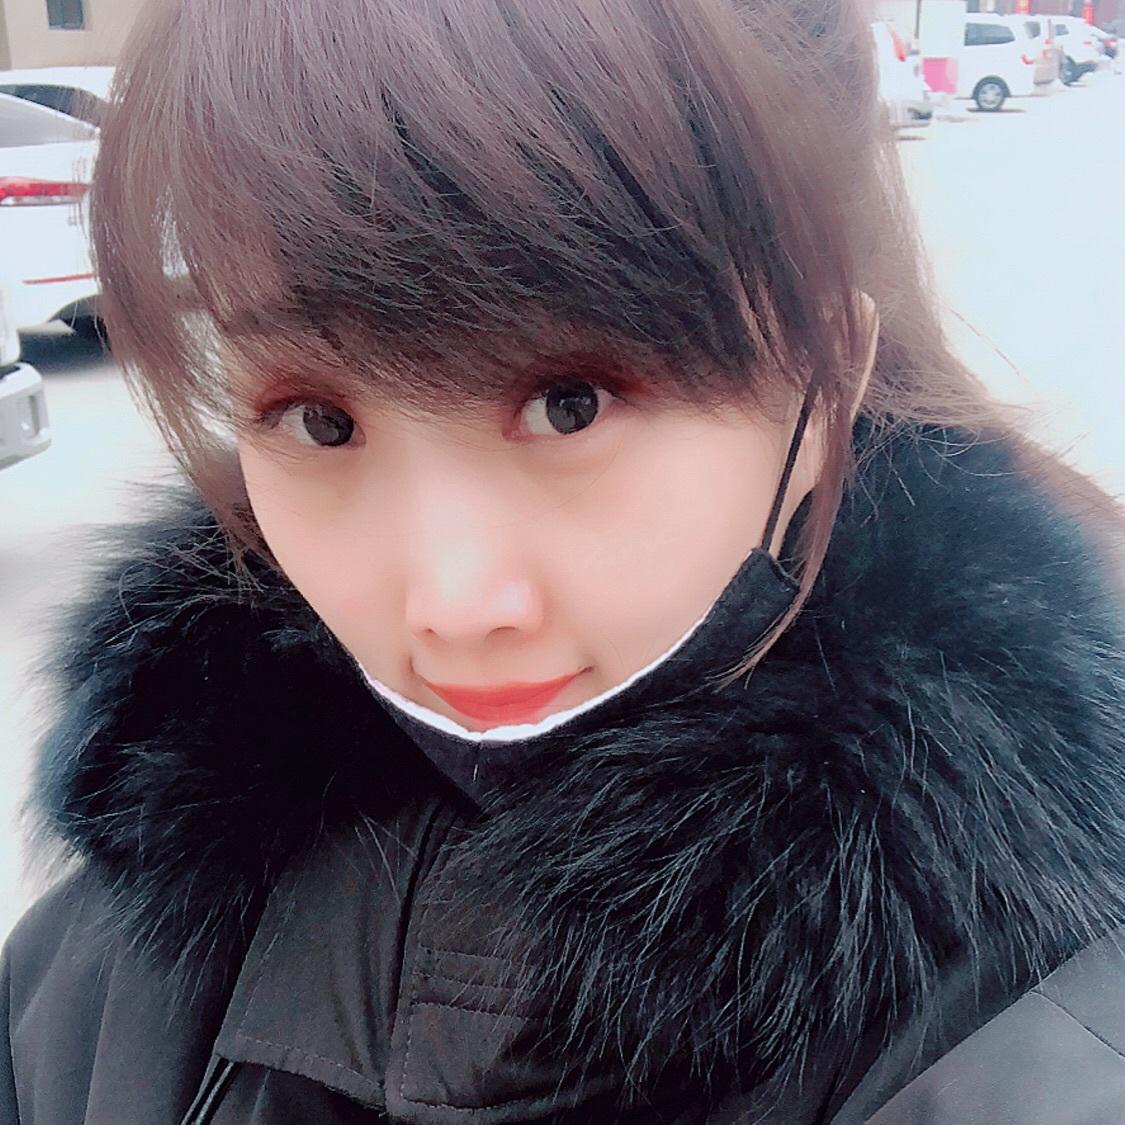 樱桃小璇子